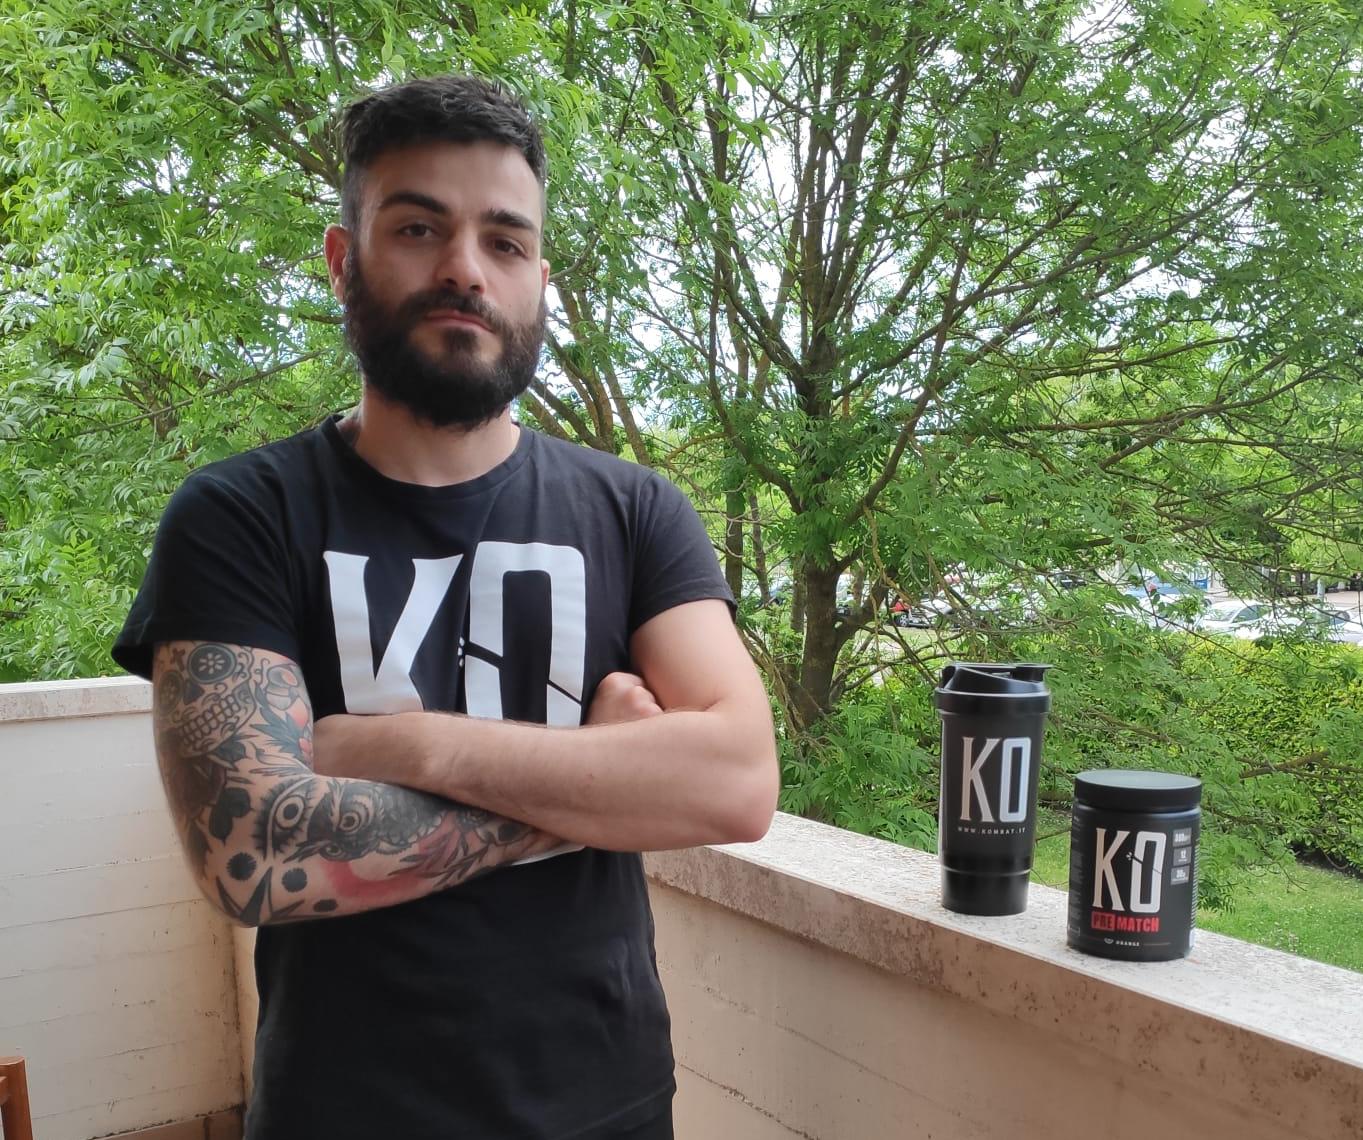 Cristian Faustino e il suo integratore pre-match KO di Kombat